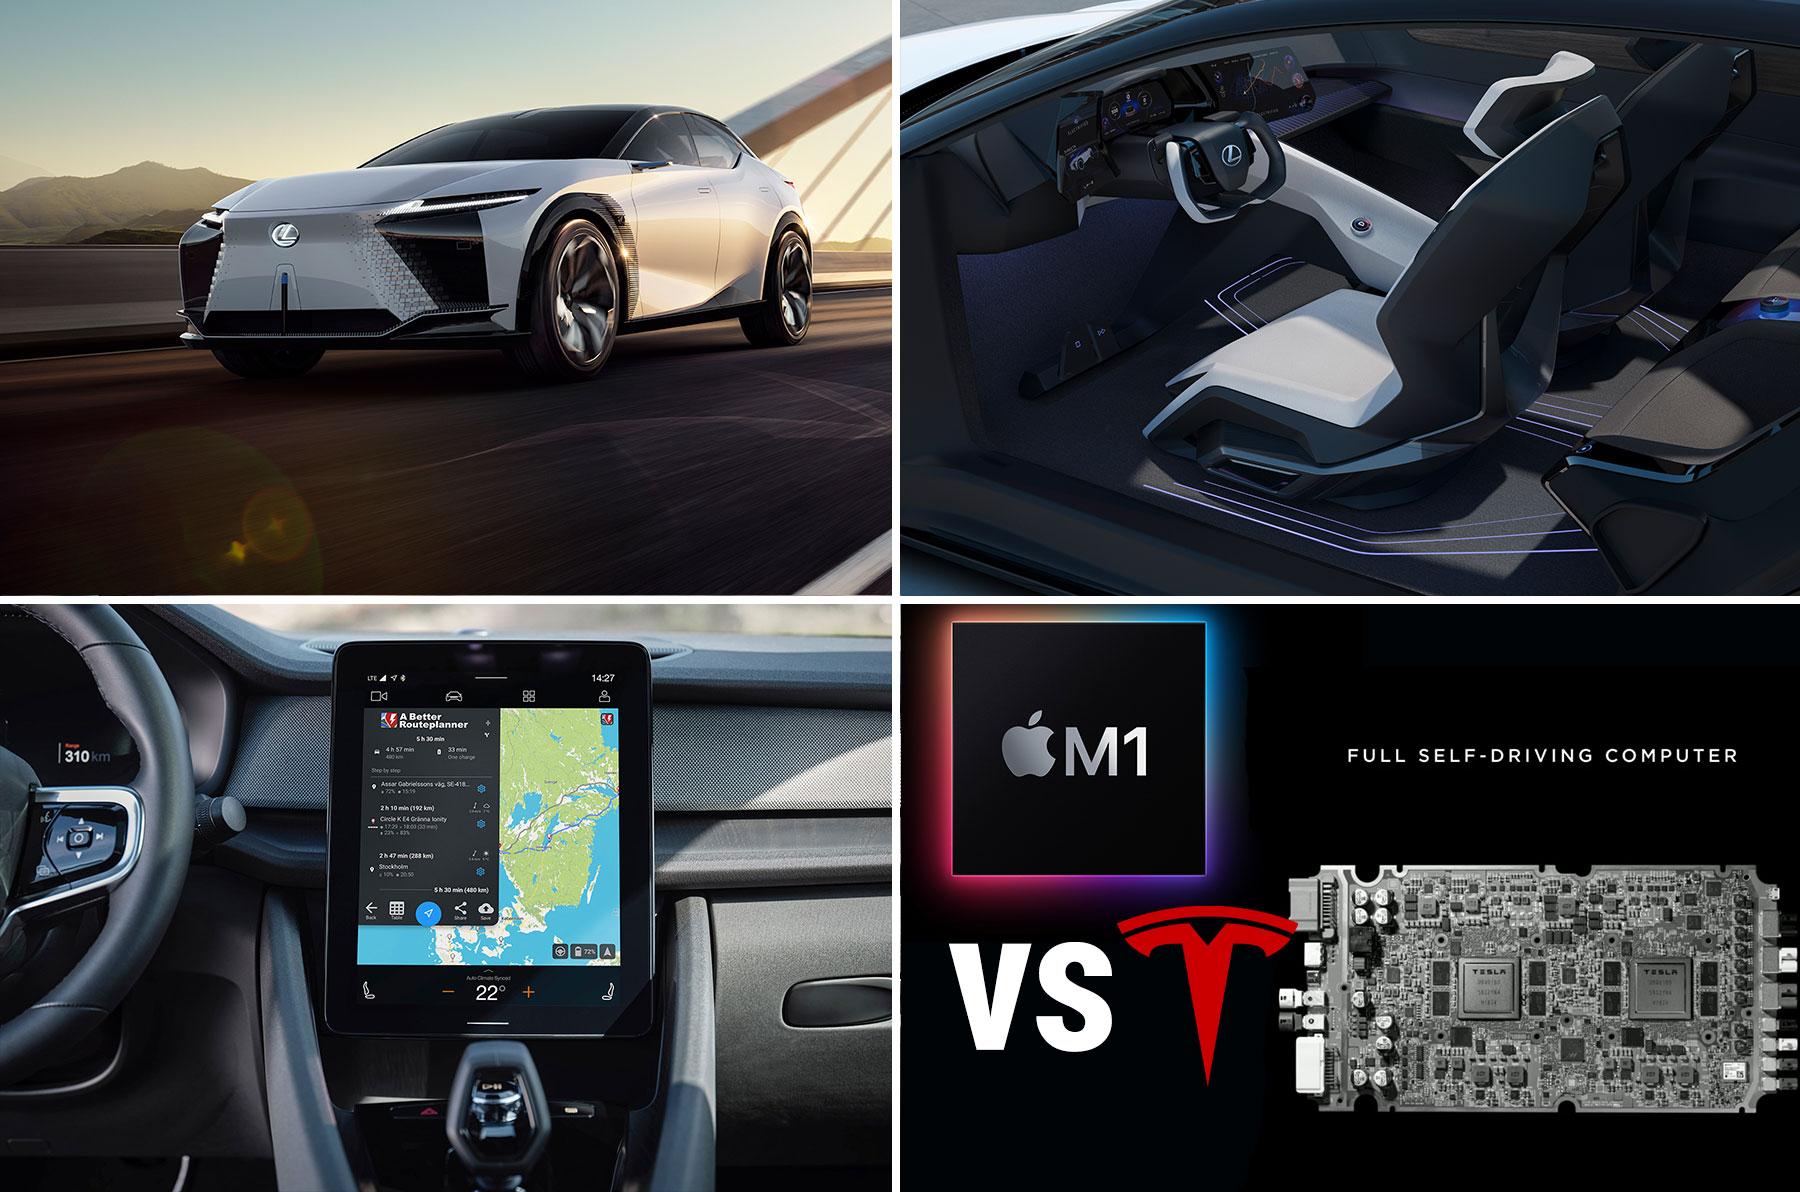 Mittwoch Kompakt: Rasante Stromer-Studie von Lexus, A Better Routeplaner mit Polestar 2, EnBW und Ionity, Apple M1 vs Teslas HW 3.0, E-Mobilitäts-Apps im Vergleichstest - e-engine - Alles rund um E-Mobilität